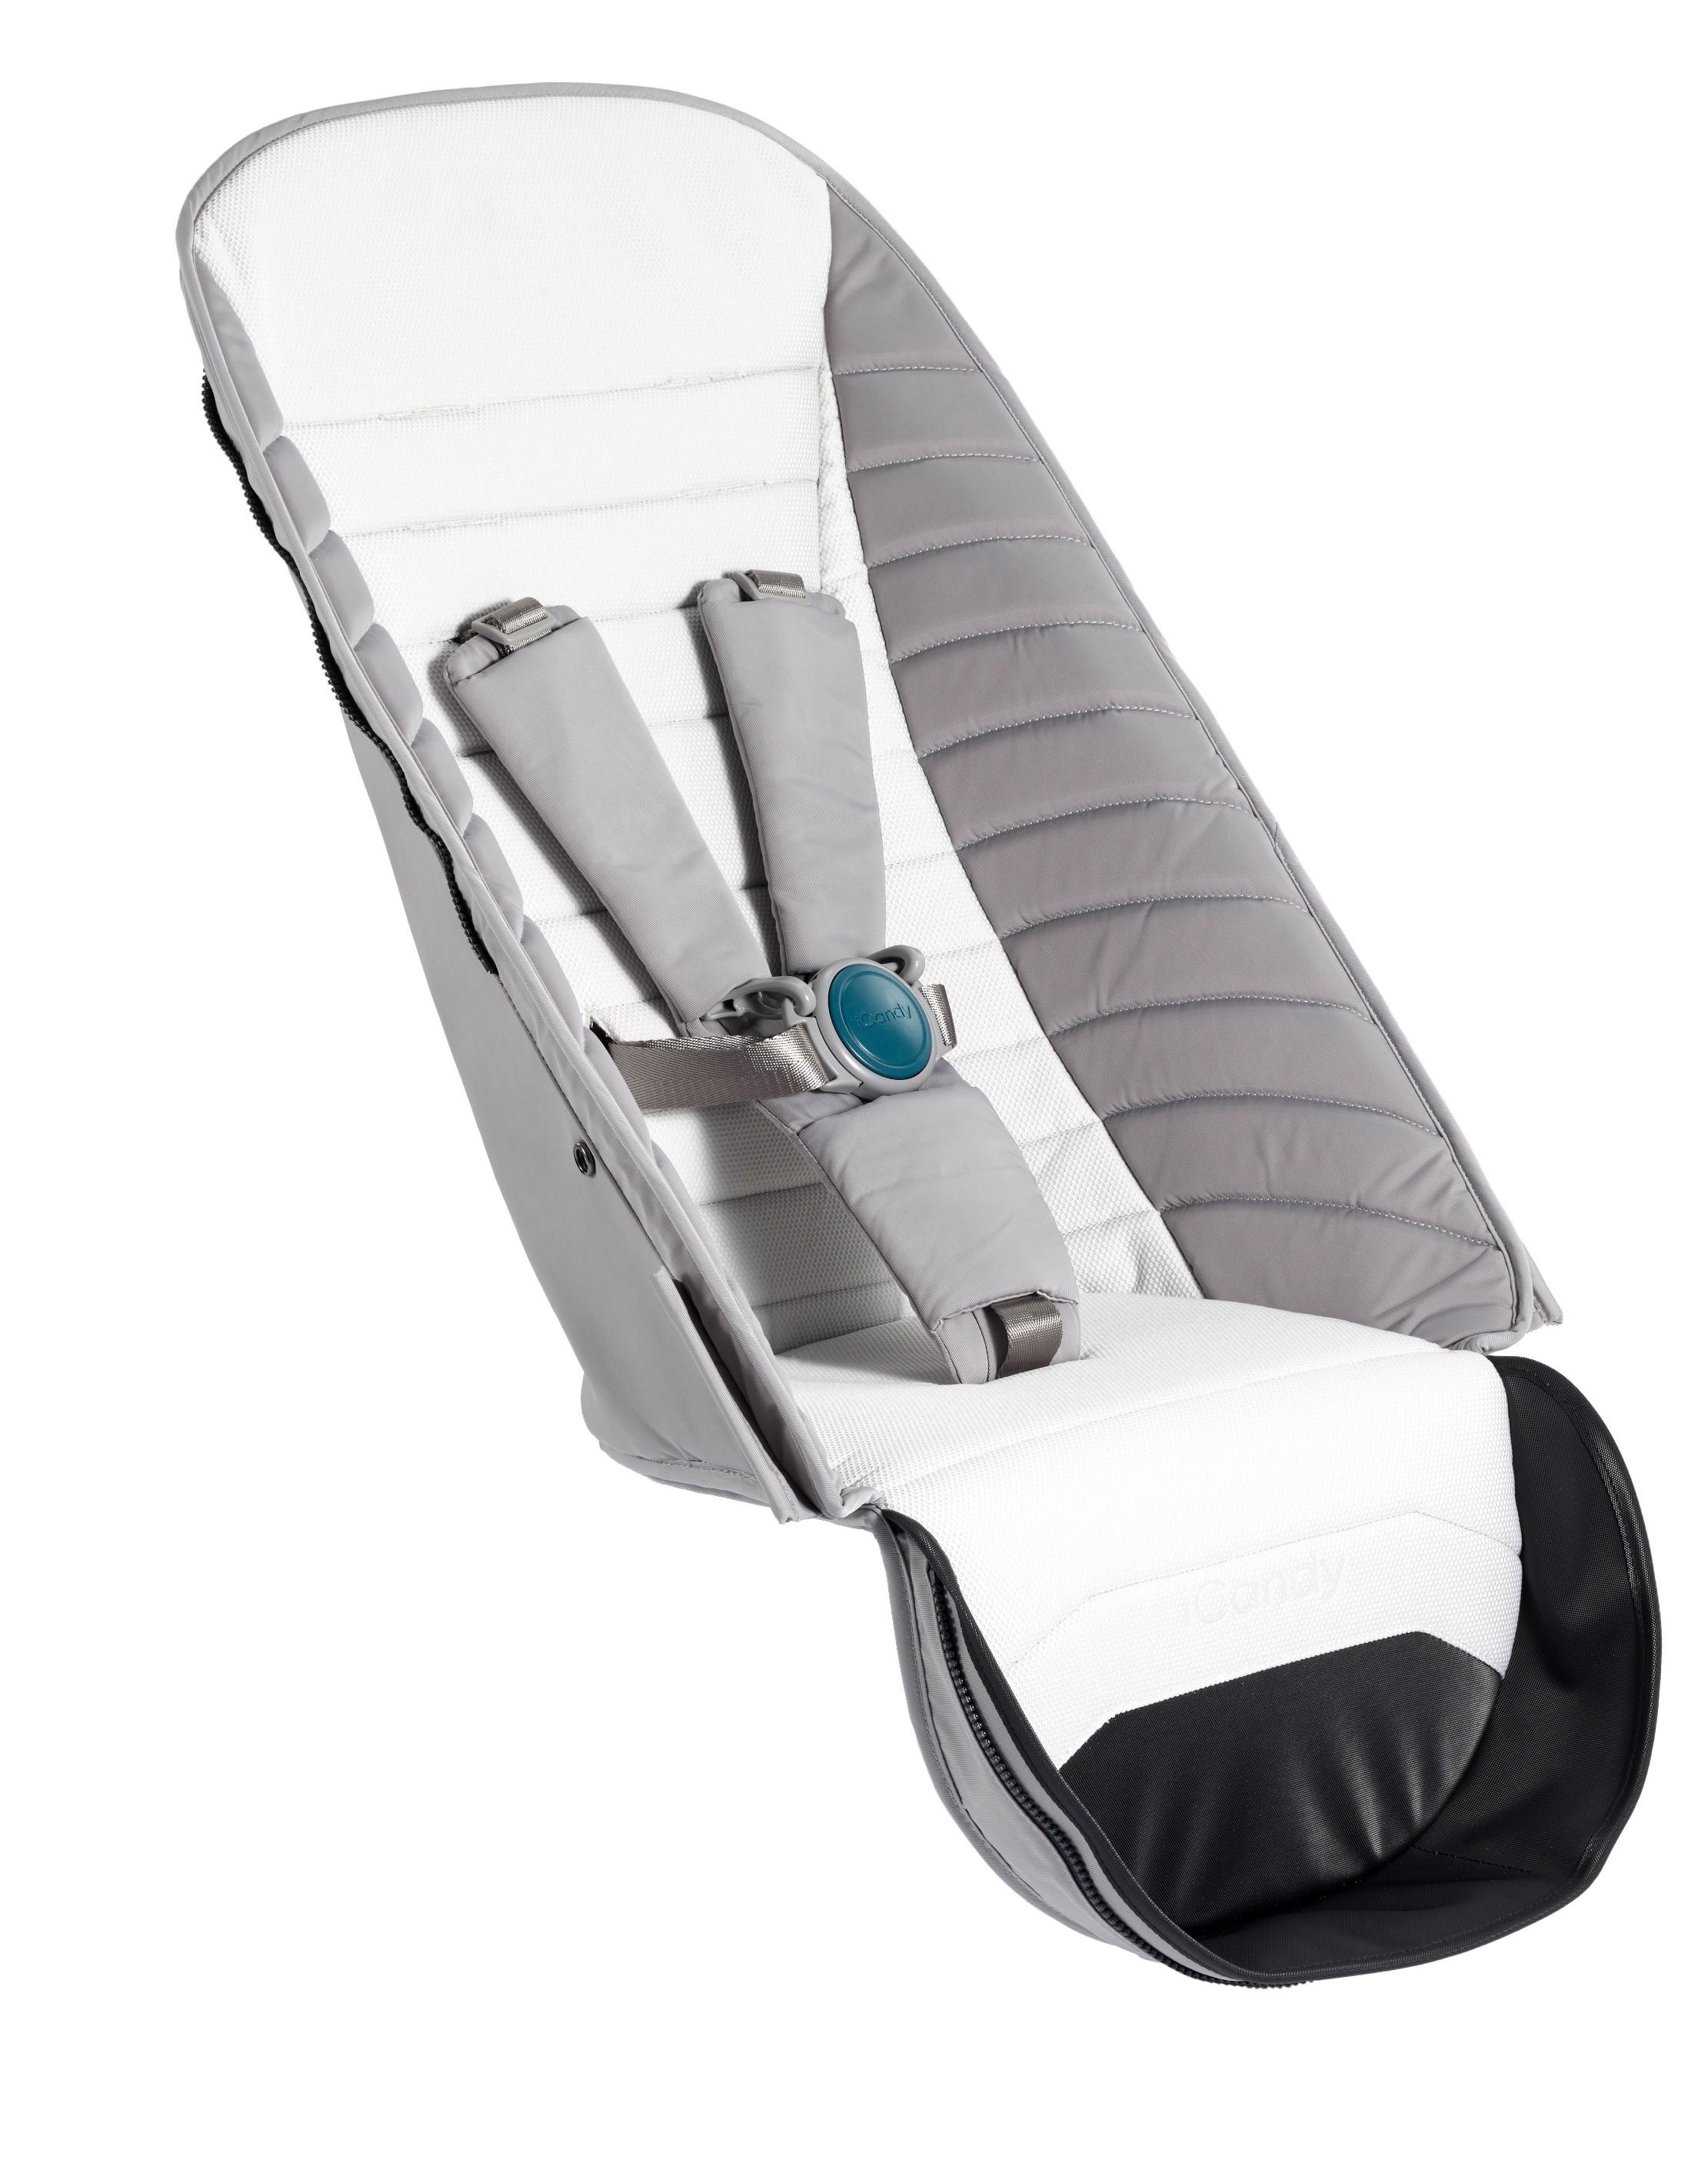 Habillage pour siège supplémentaire poussette Peach Dove Grey